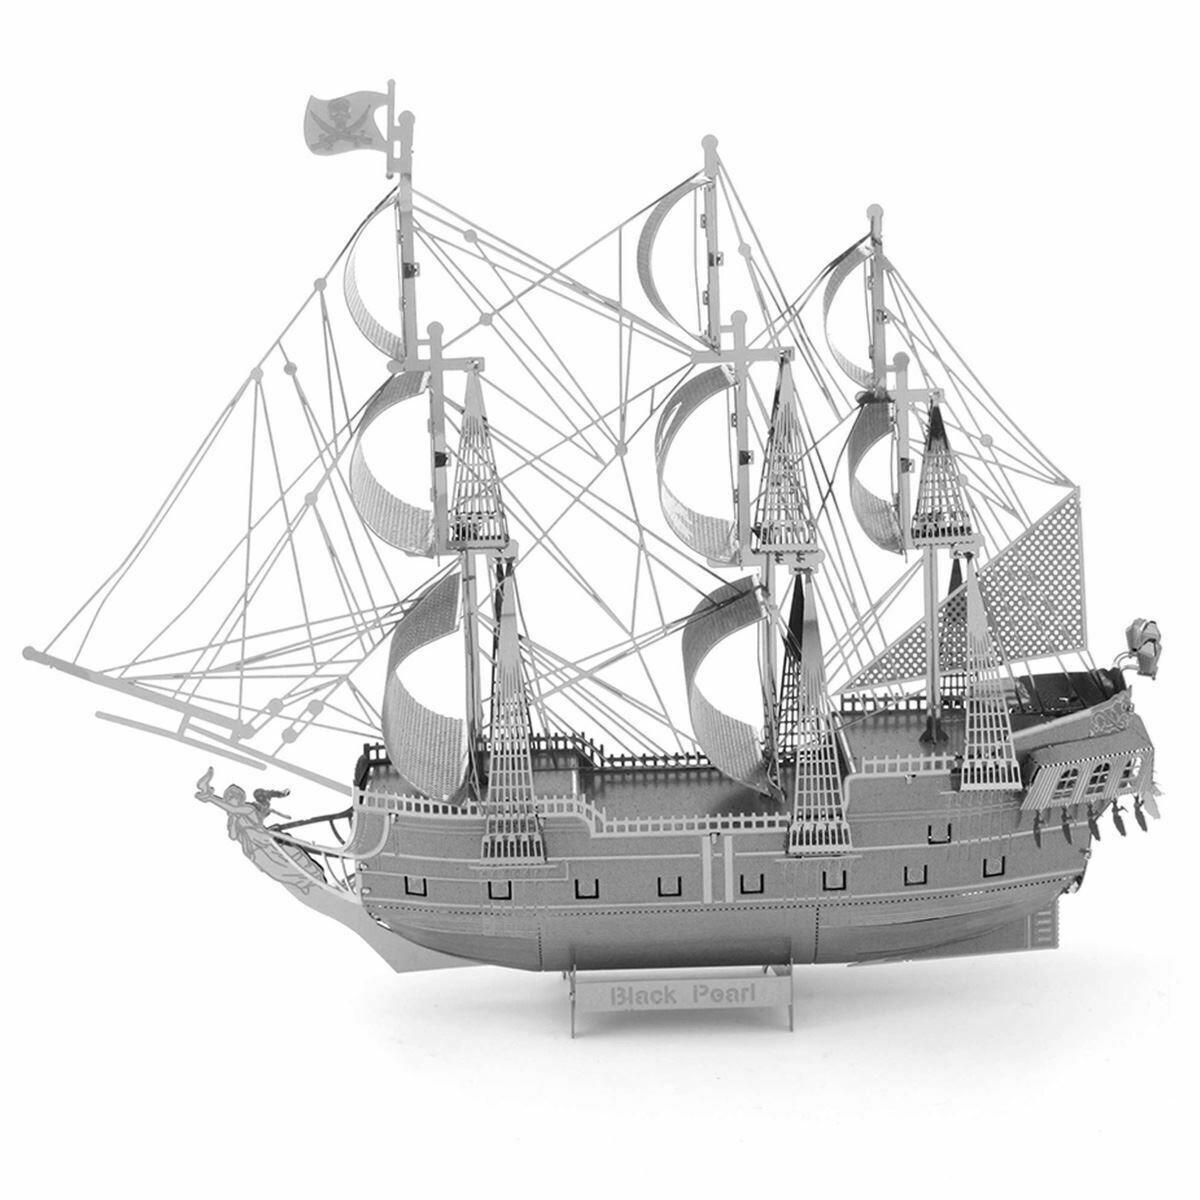 METAL EARTH ICONX BLACK PEARL SHIP